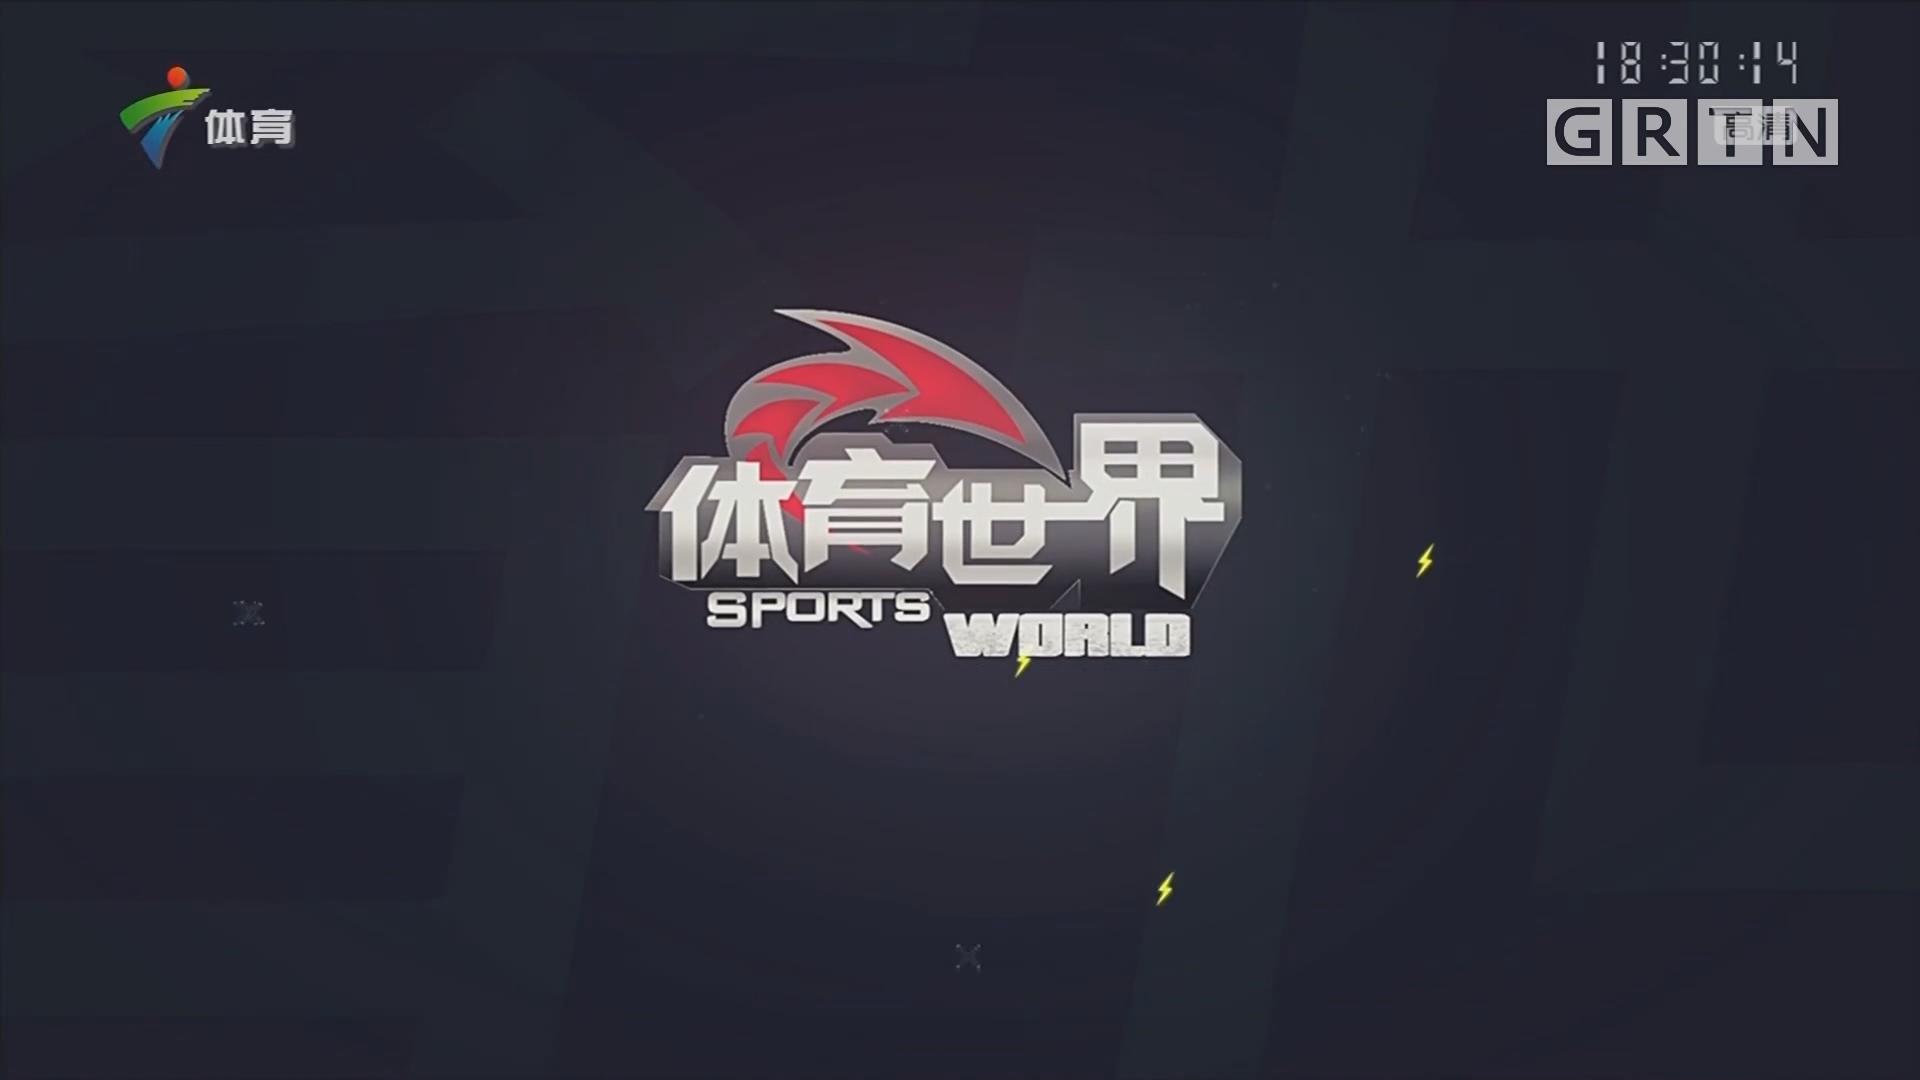 [HD][2019-04-19]体育世界:古驿道定向大赛周末打响 首次实现两省联动